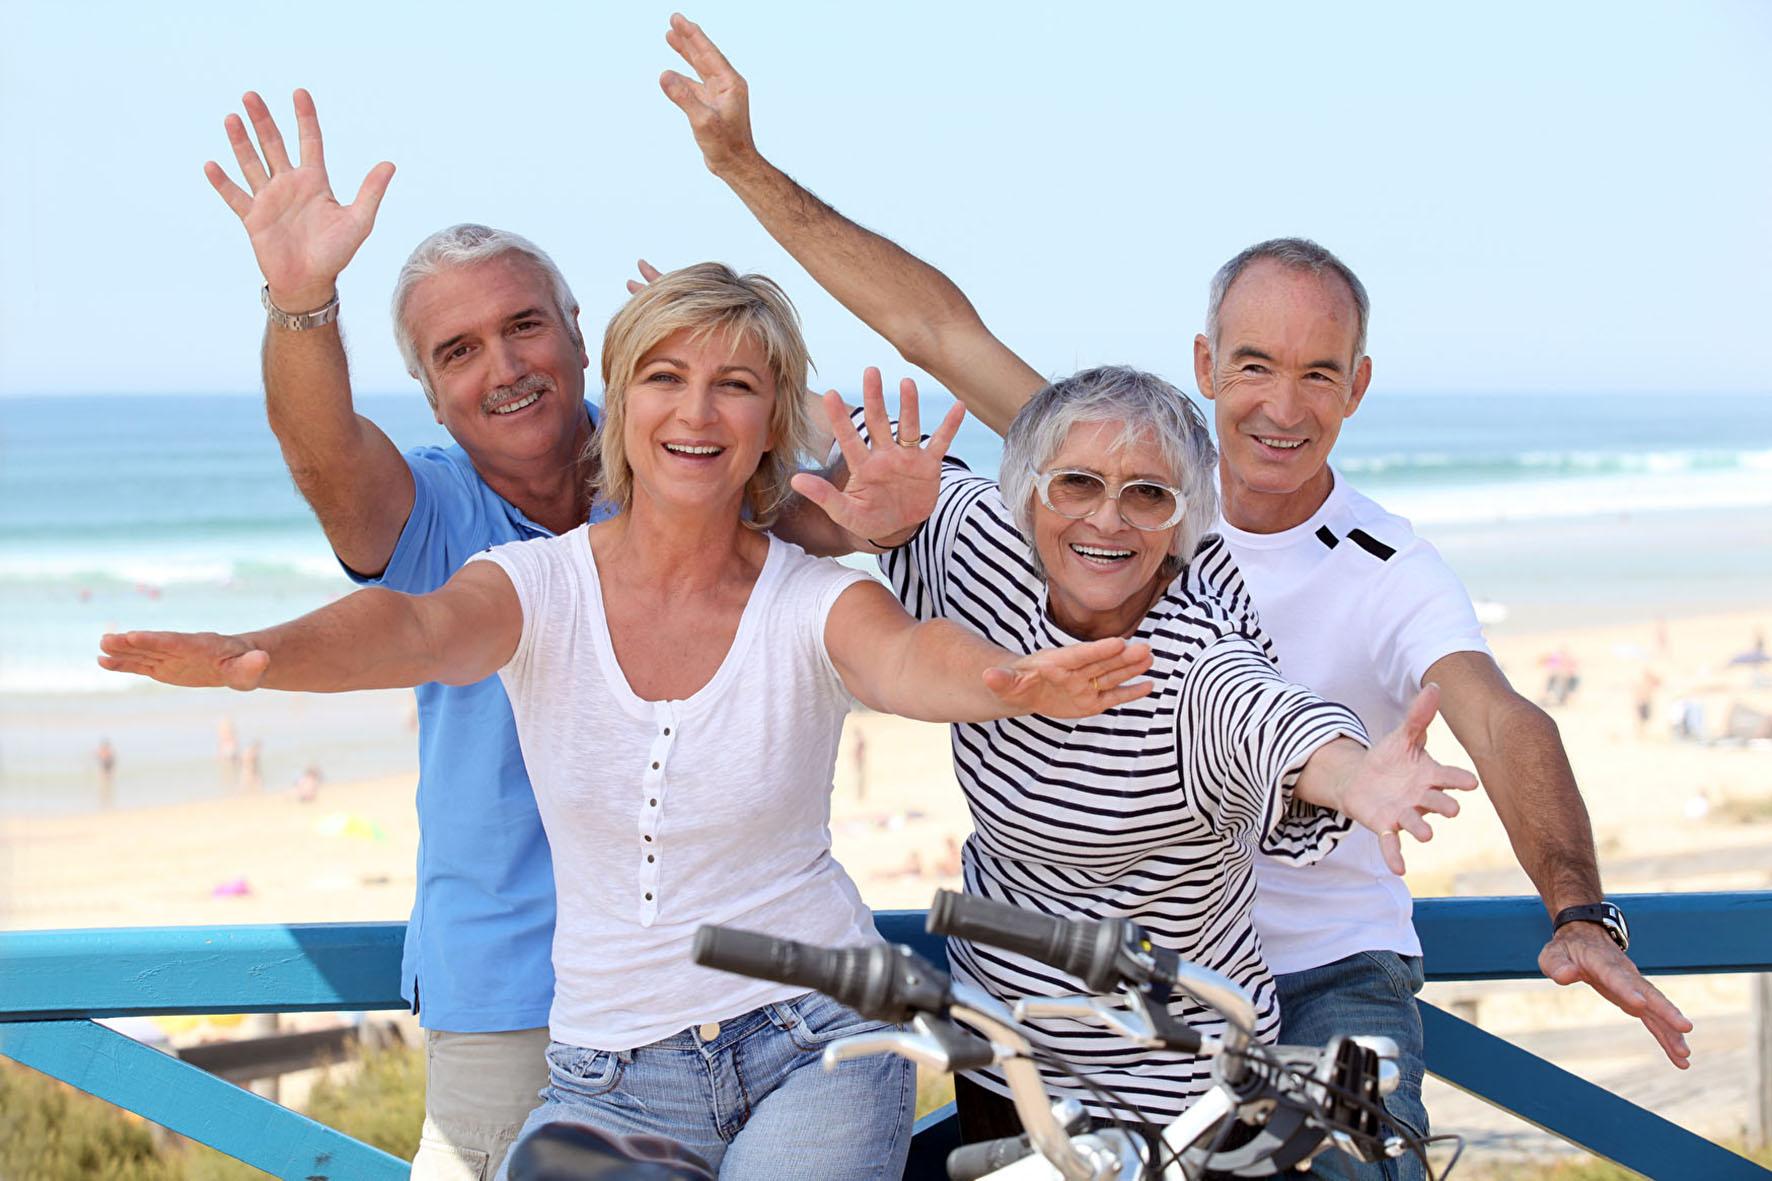 Mit 60 das Leben wie mit 30 genießen